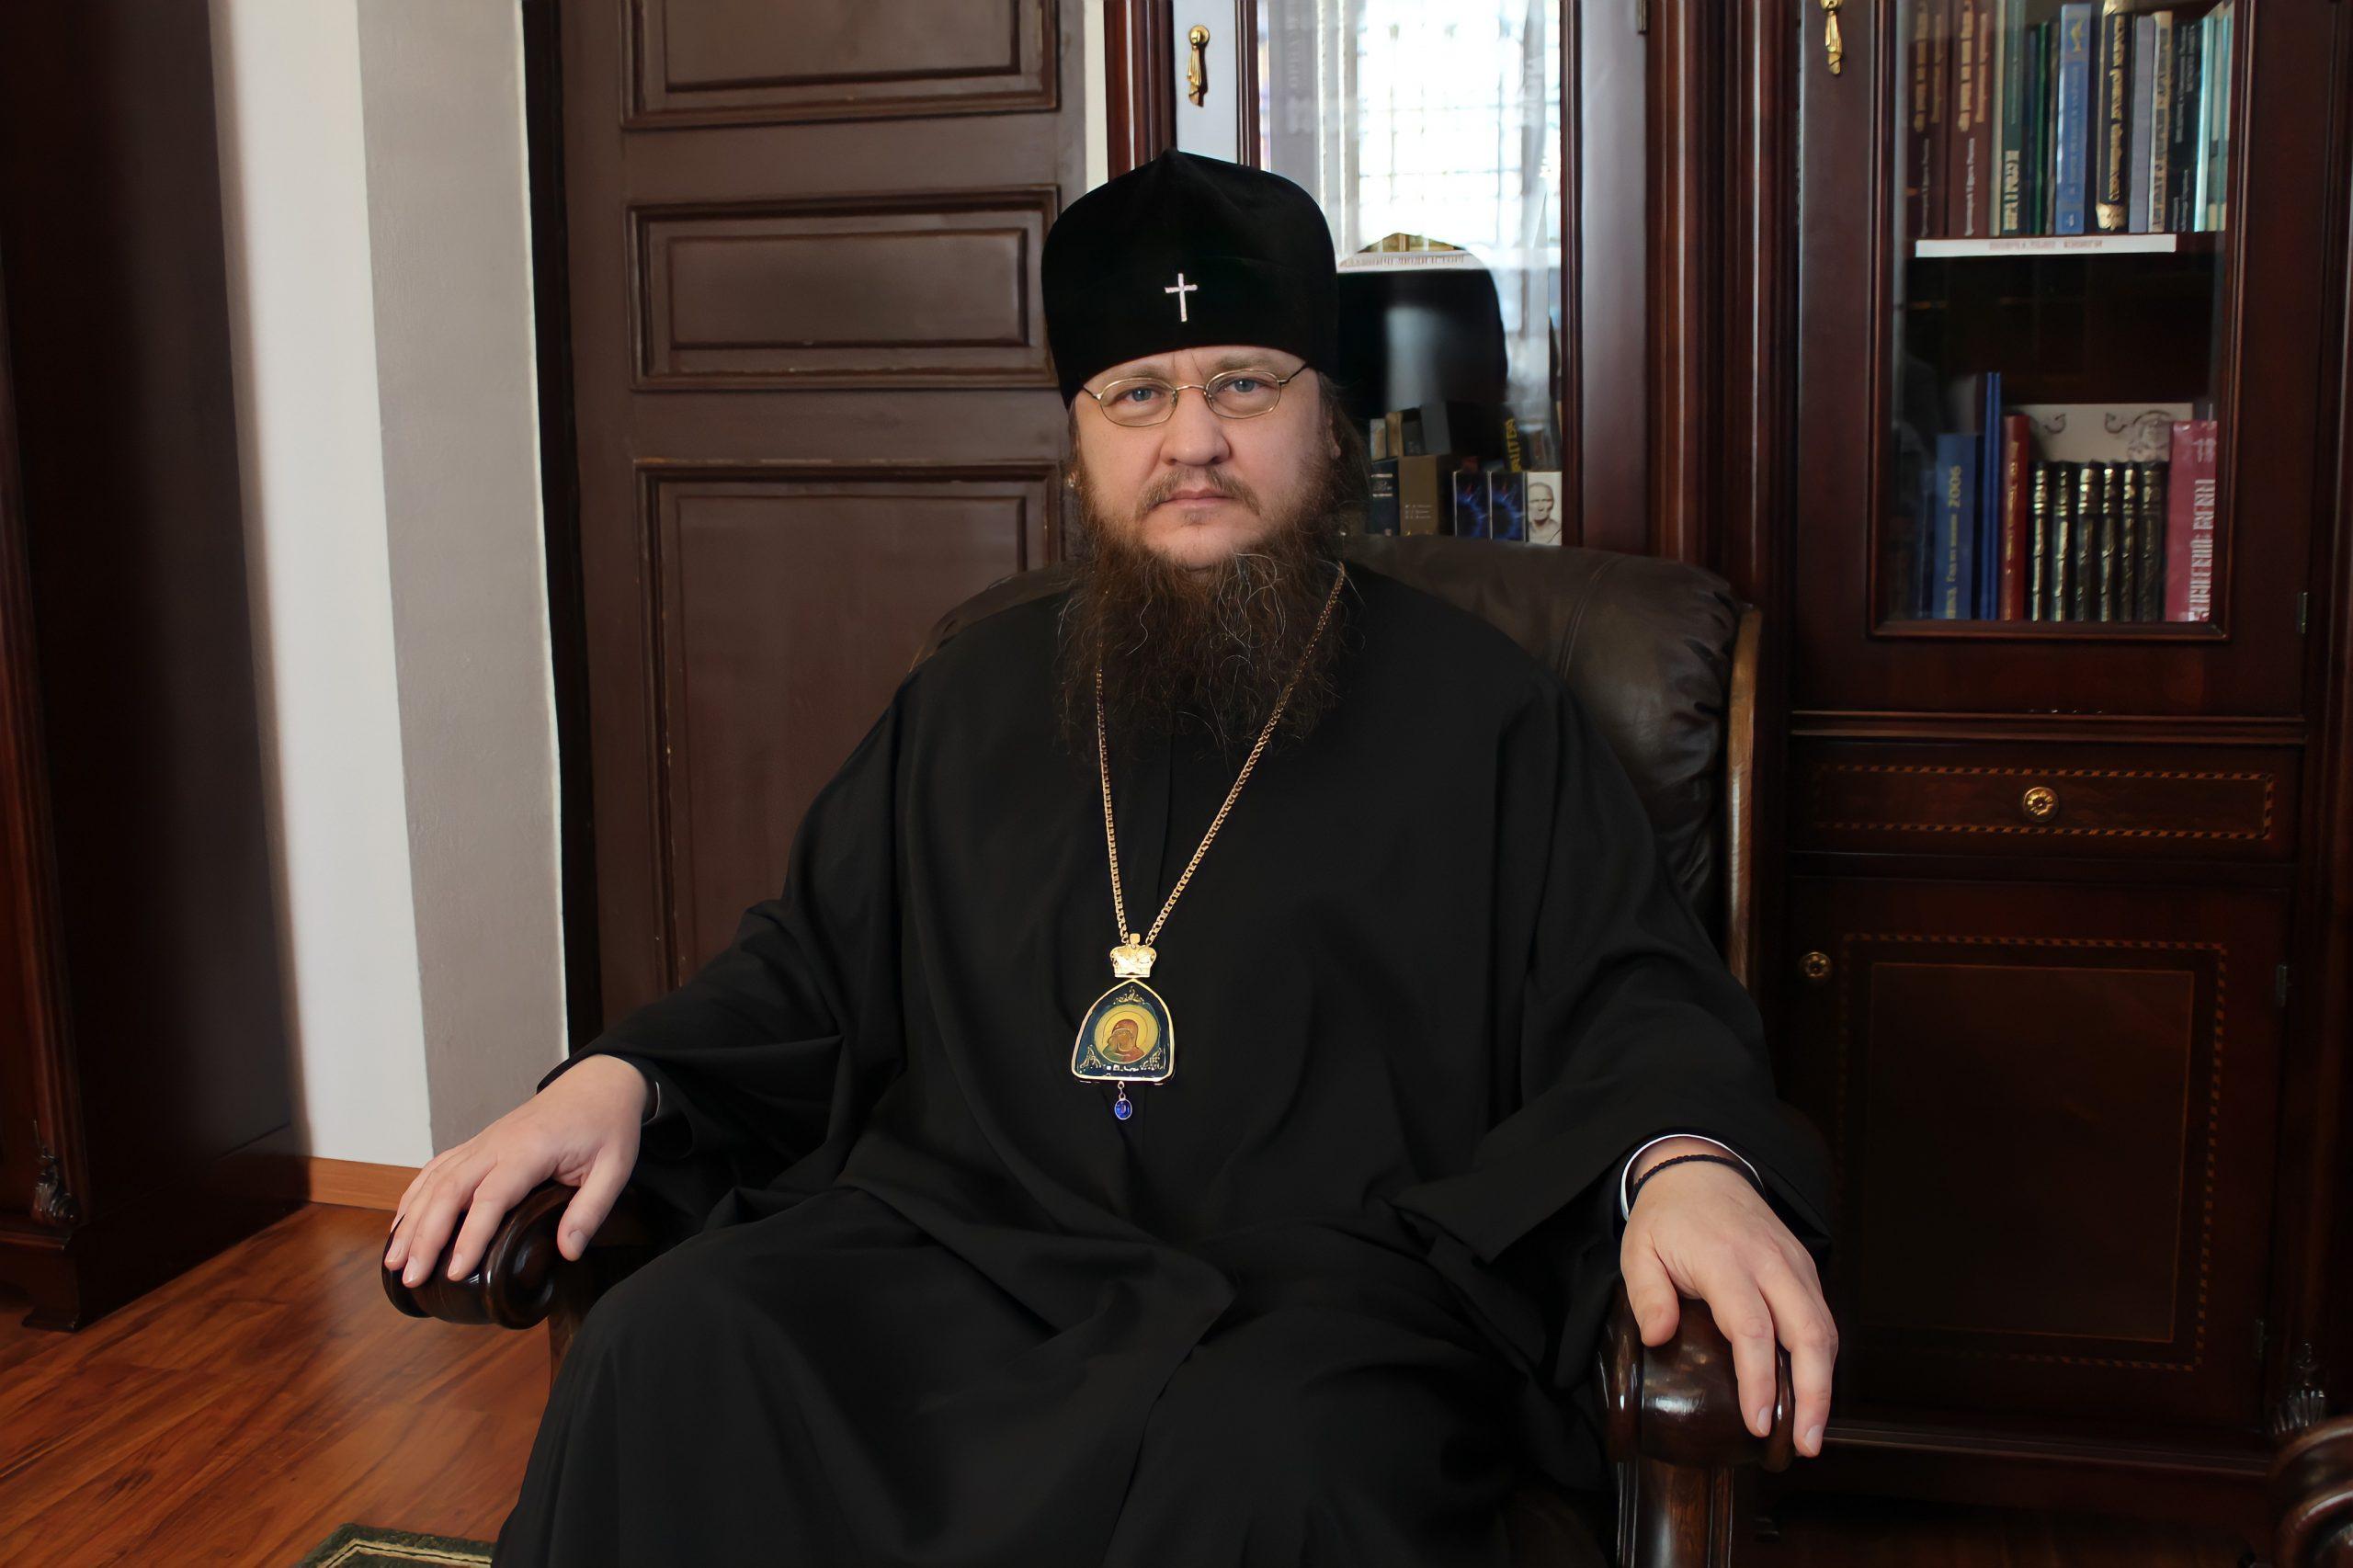 Архієпископ Феодосій: «Піст допомагає людині звільнитися від звичних кайданів плоті»